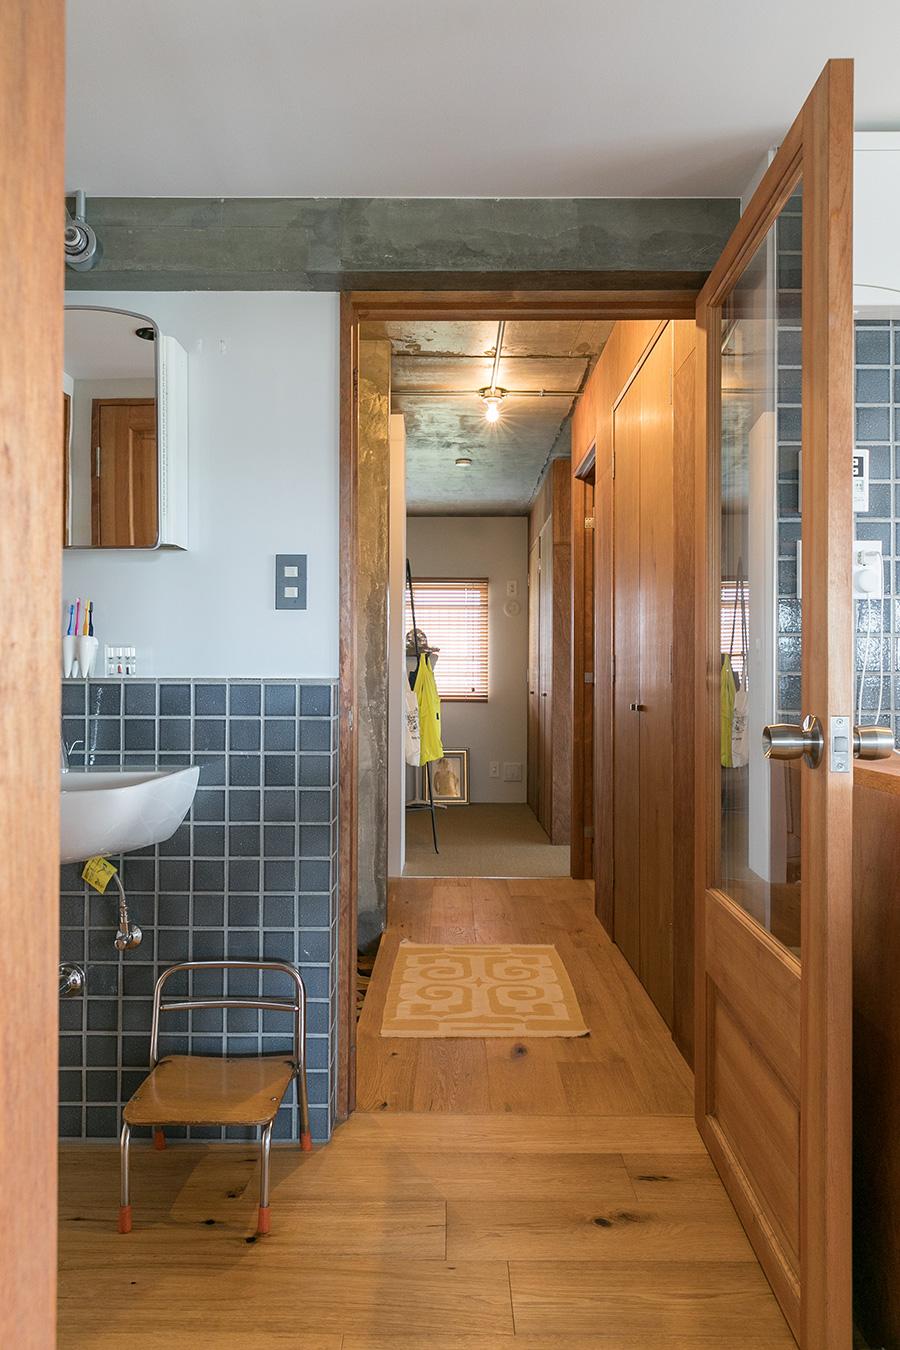 リビングと玄関の間のパイン材の扉は『ASSY』の標準仕様のもの。奥のスペースは、たっぷりとしたウォーキングクローゼット。床はサイザル麻をセレクト。